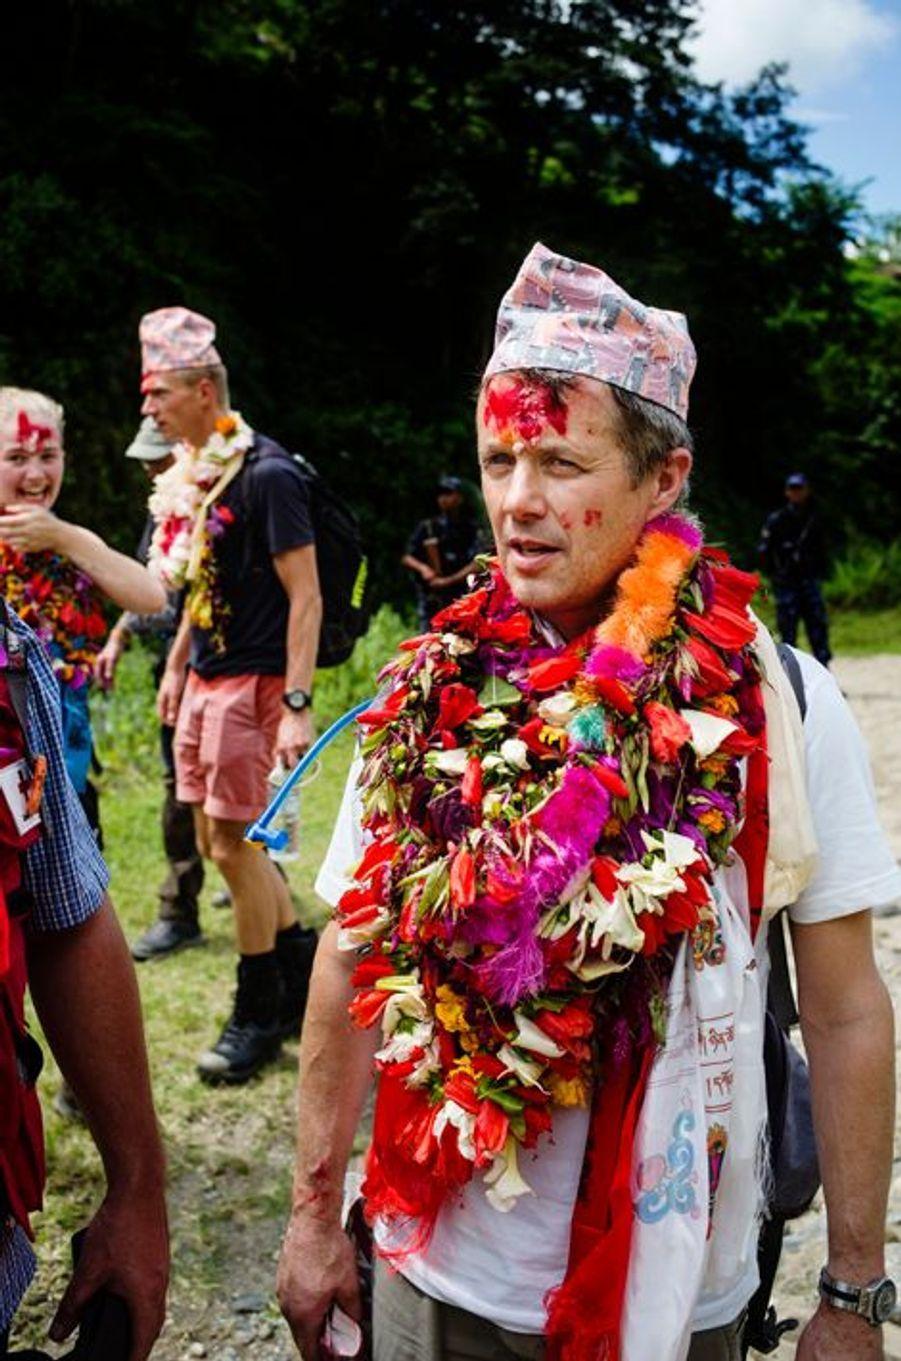 En septembre 2015, le prince héritier Frederik de Danemark était au Népal, avec la Croix rouge danoise. Des photos très «couleurs locales» viennent d'être diffusées.Chaque dimanche, le Royal Blog de Paris Match vous propose de voir ou revoir les plus belles photographies de la semaine royale.